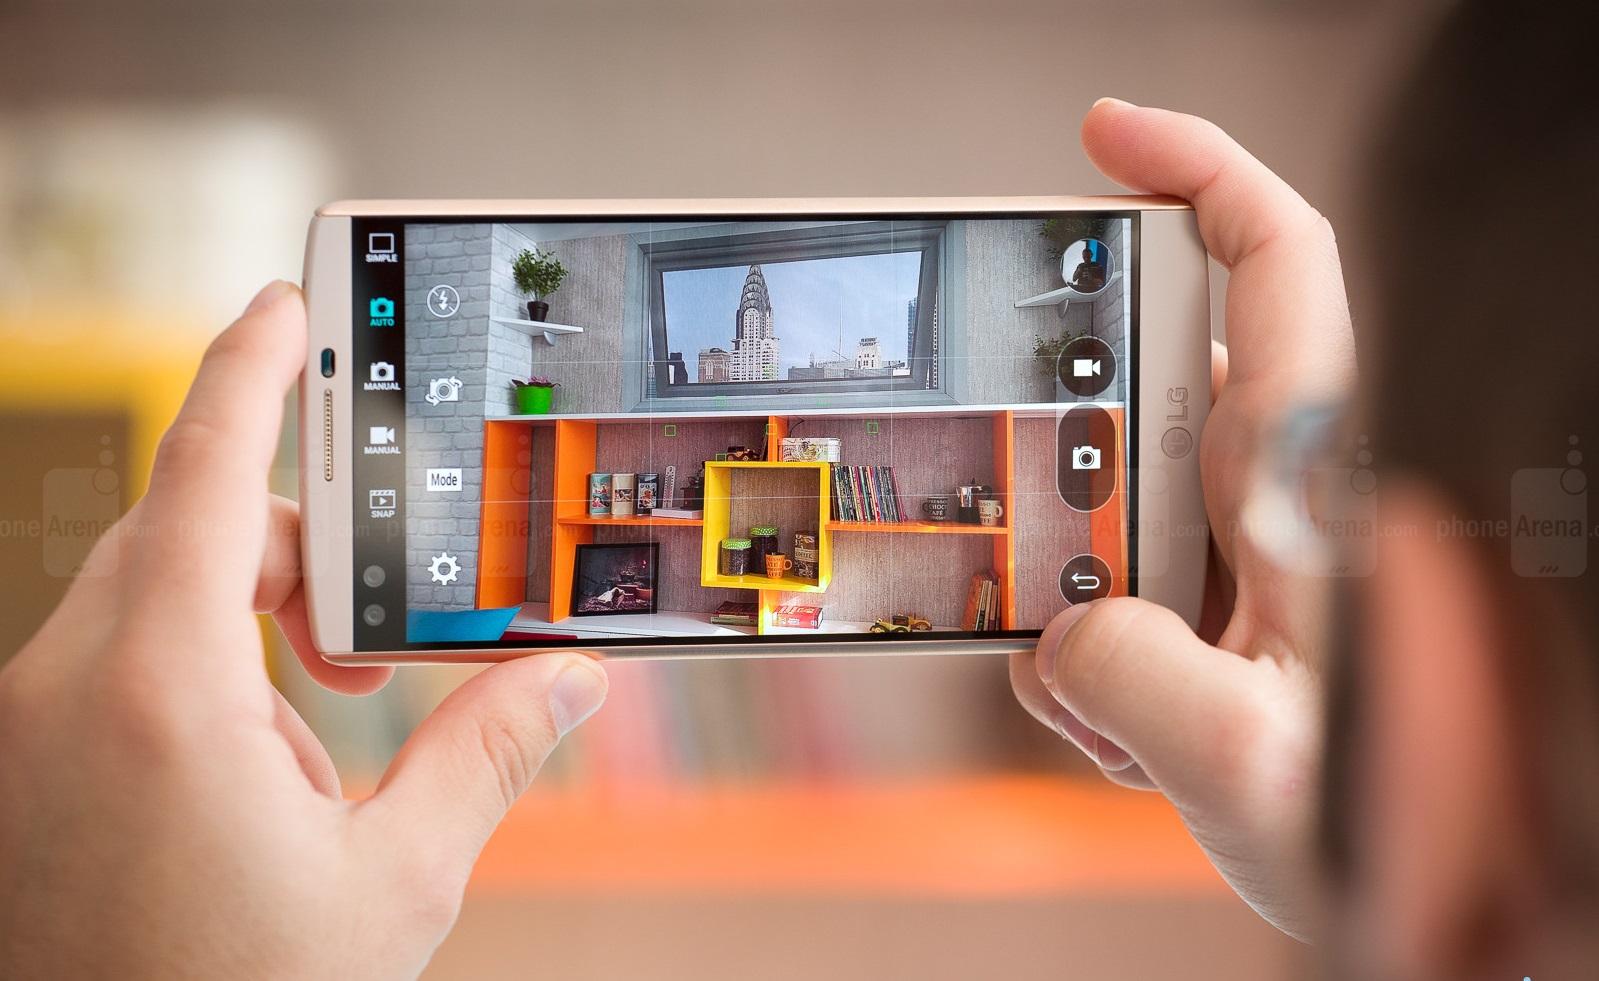 نقد و بررسی گوشی هوشمند الجی وی 10 (LG V10)